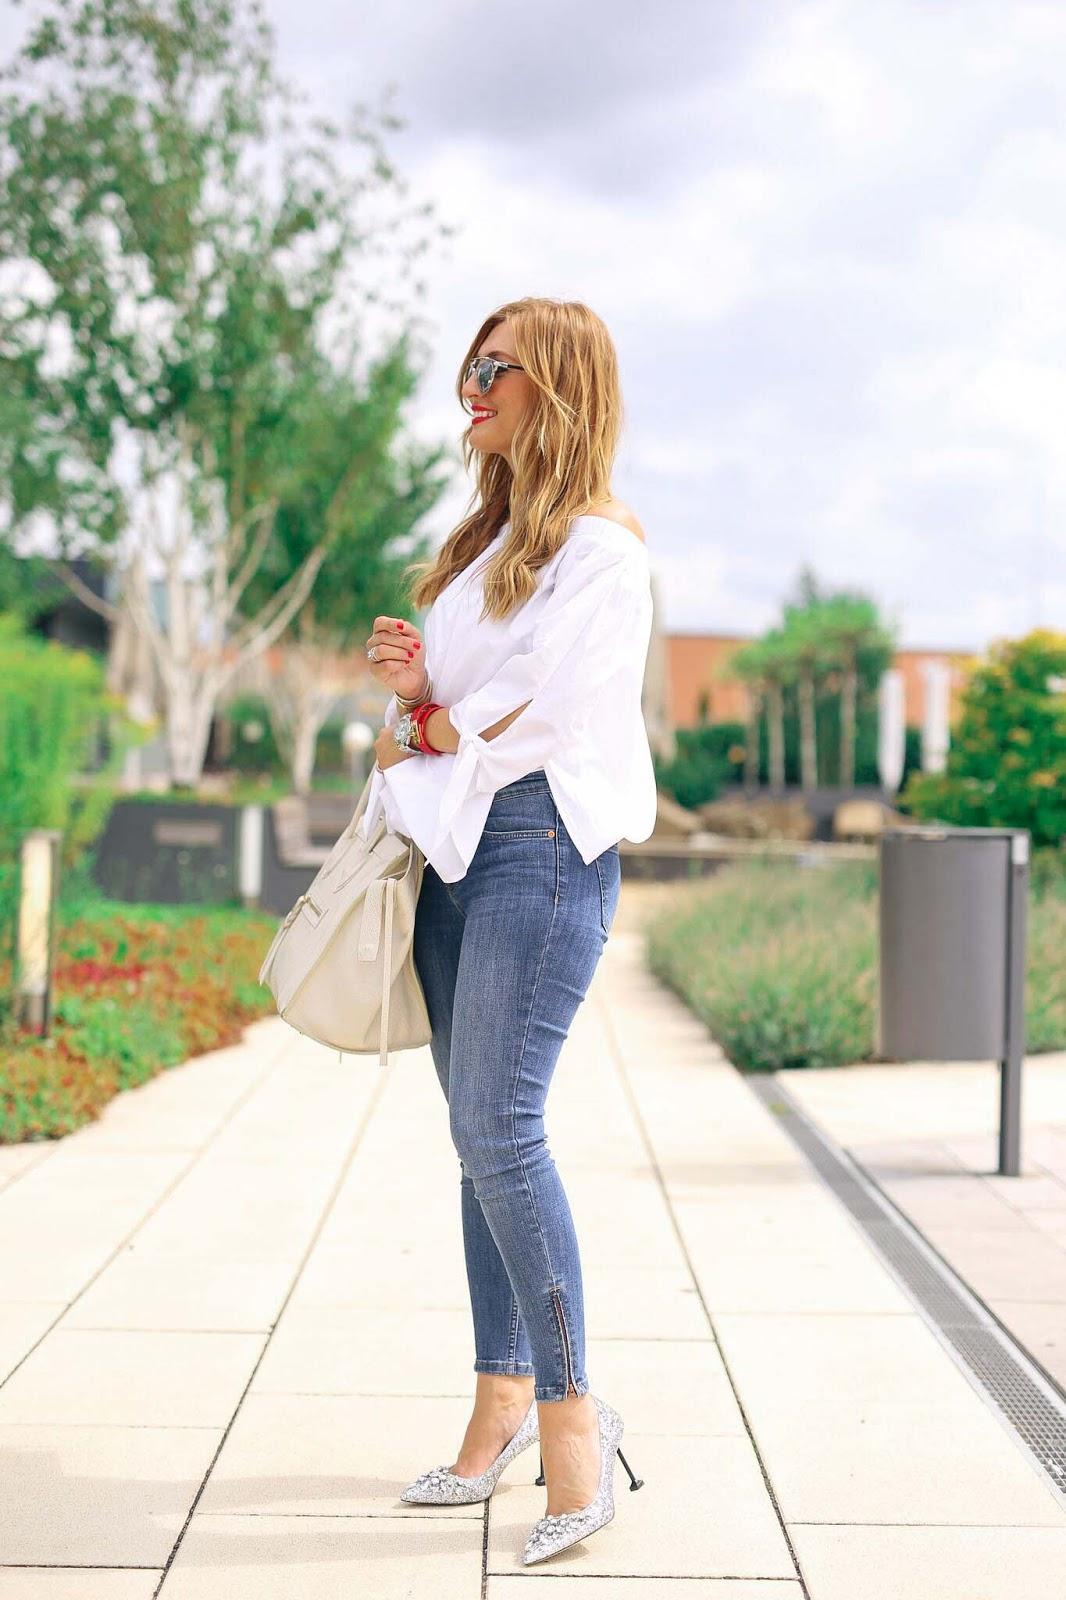 Fashionblogger-aus-deutschland-weiße-off-shoulderbluse-und-silberne-pumps-mit-glitzer